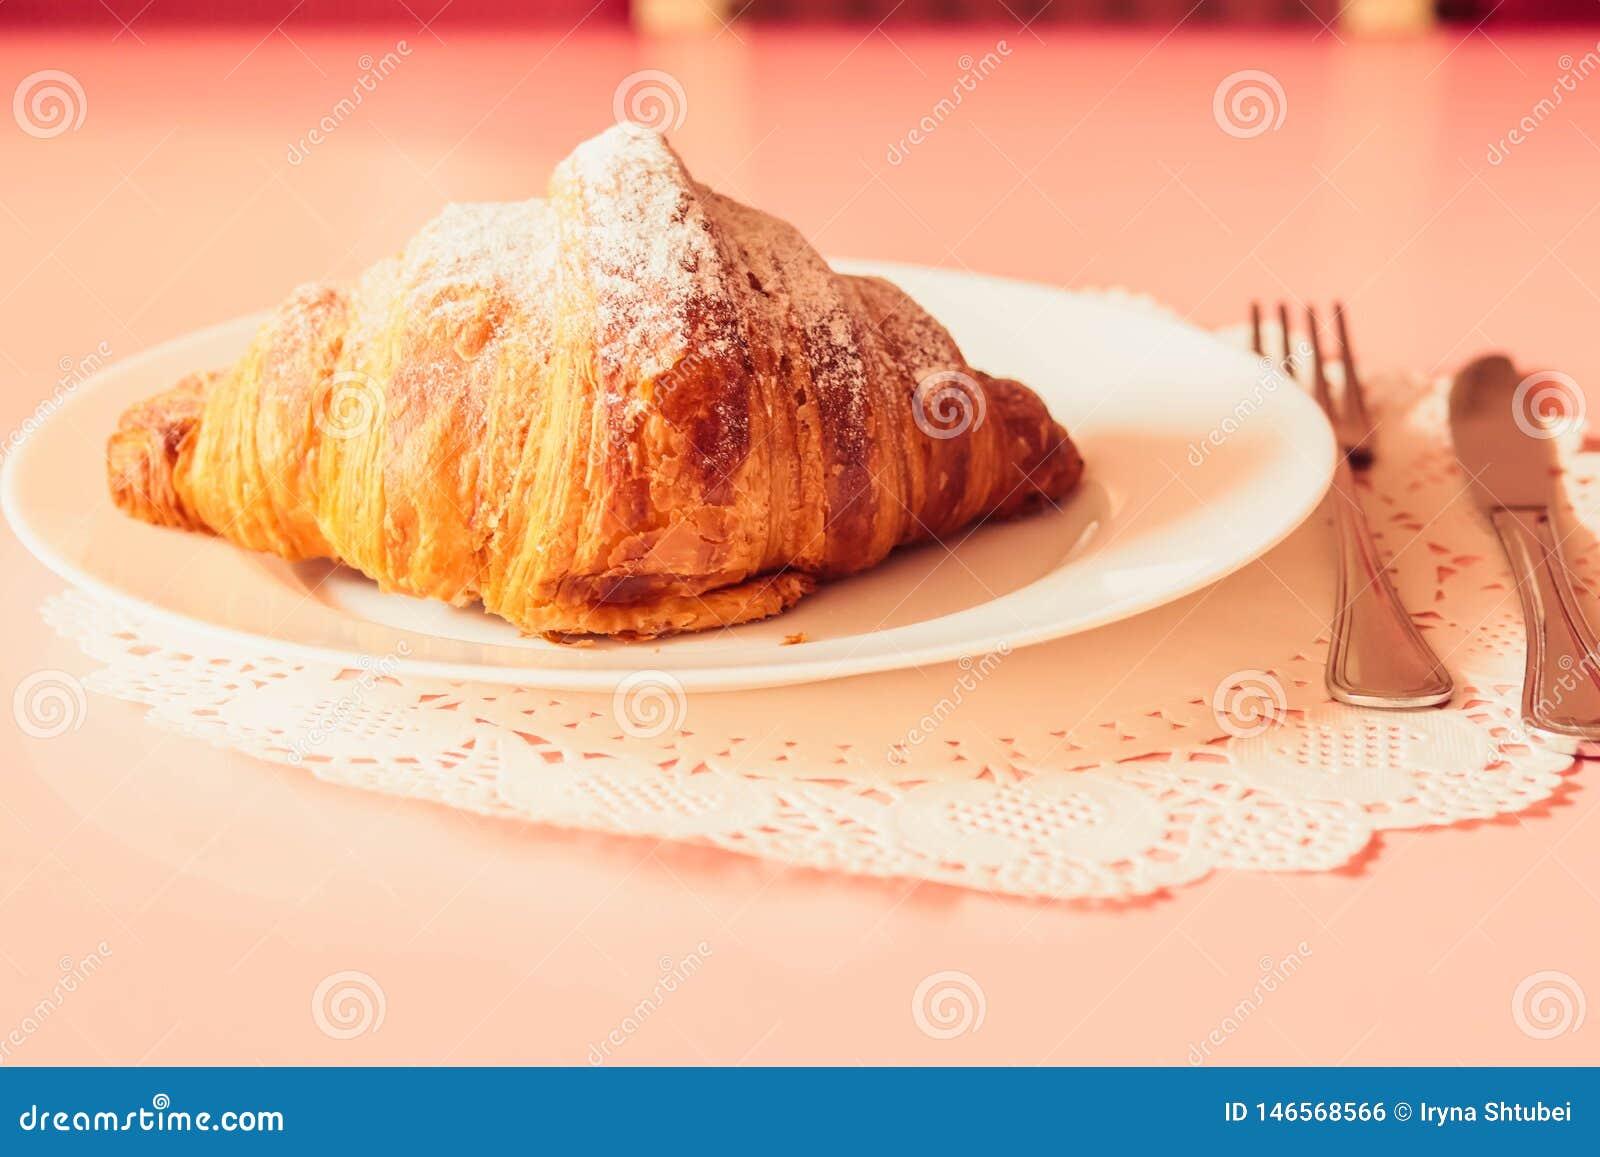 Croissant fran?ais d un plat